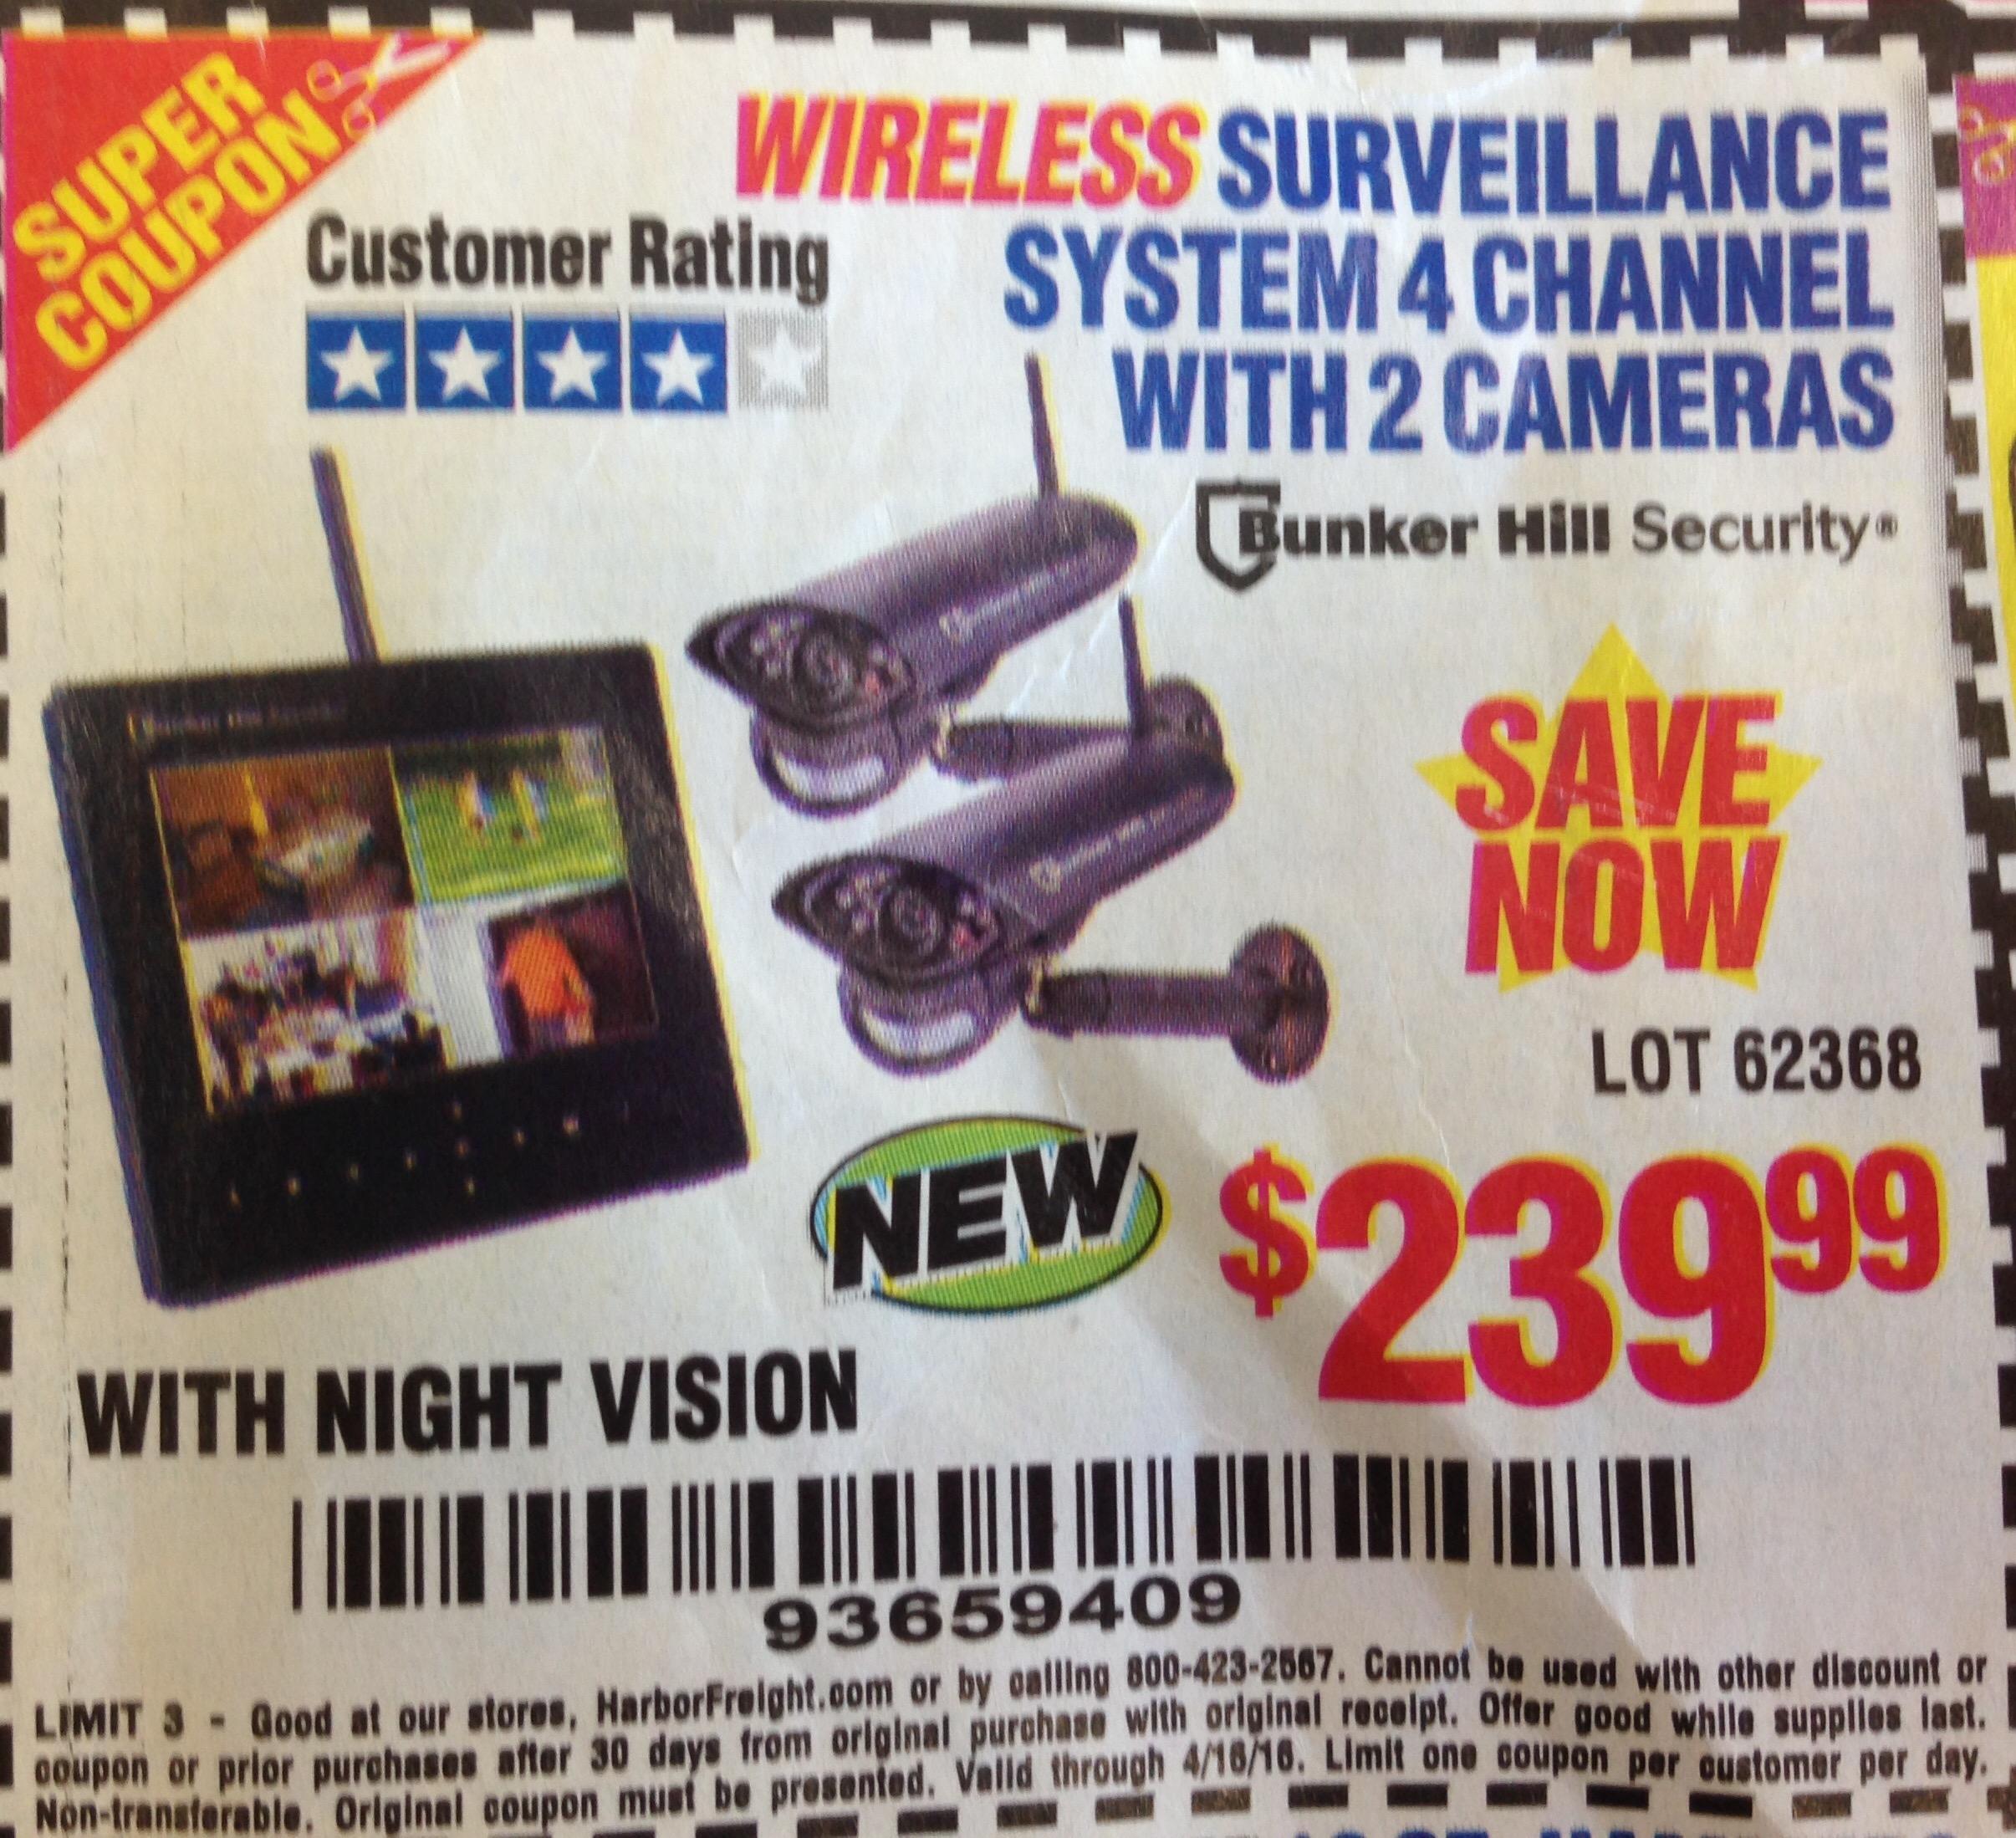 Security camera coupons